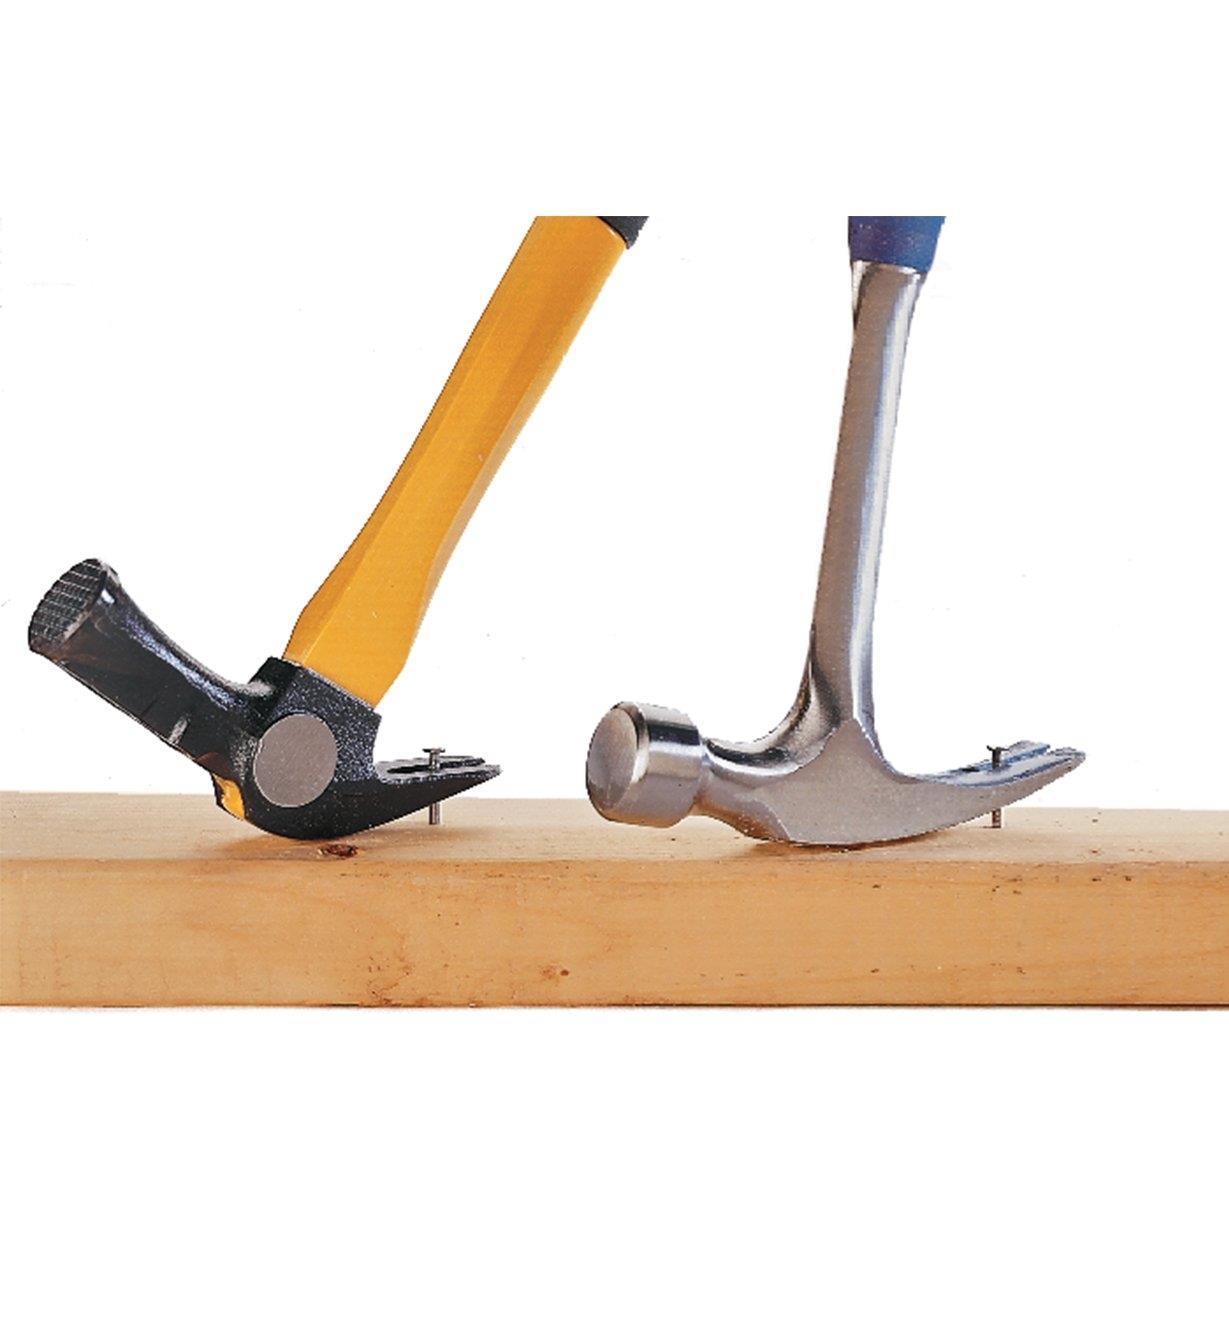 44K1410 - Nailing Hammer